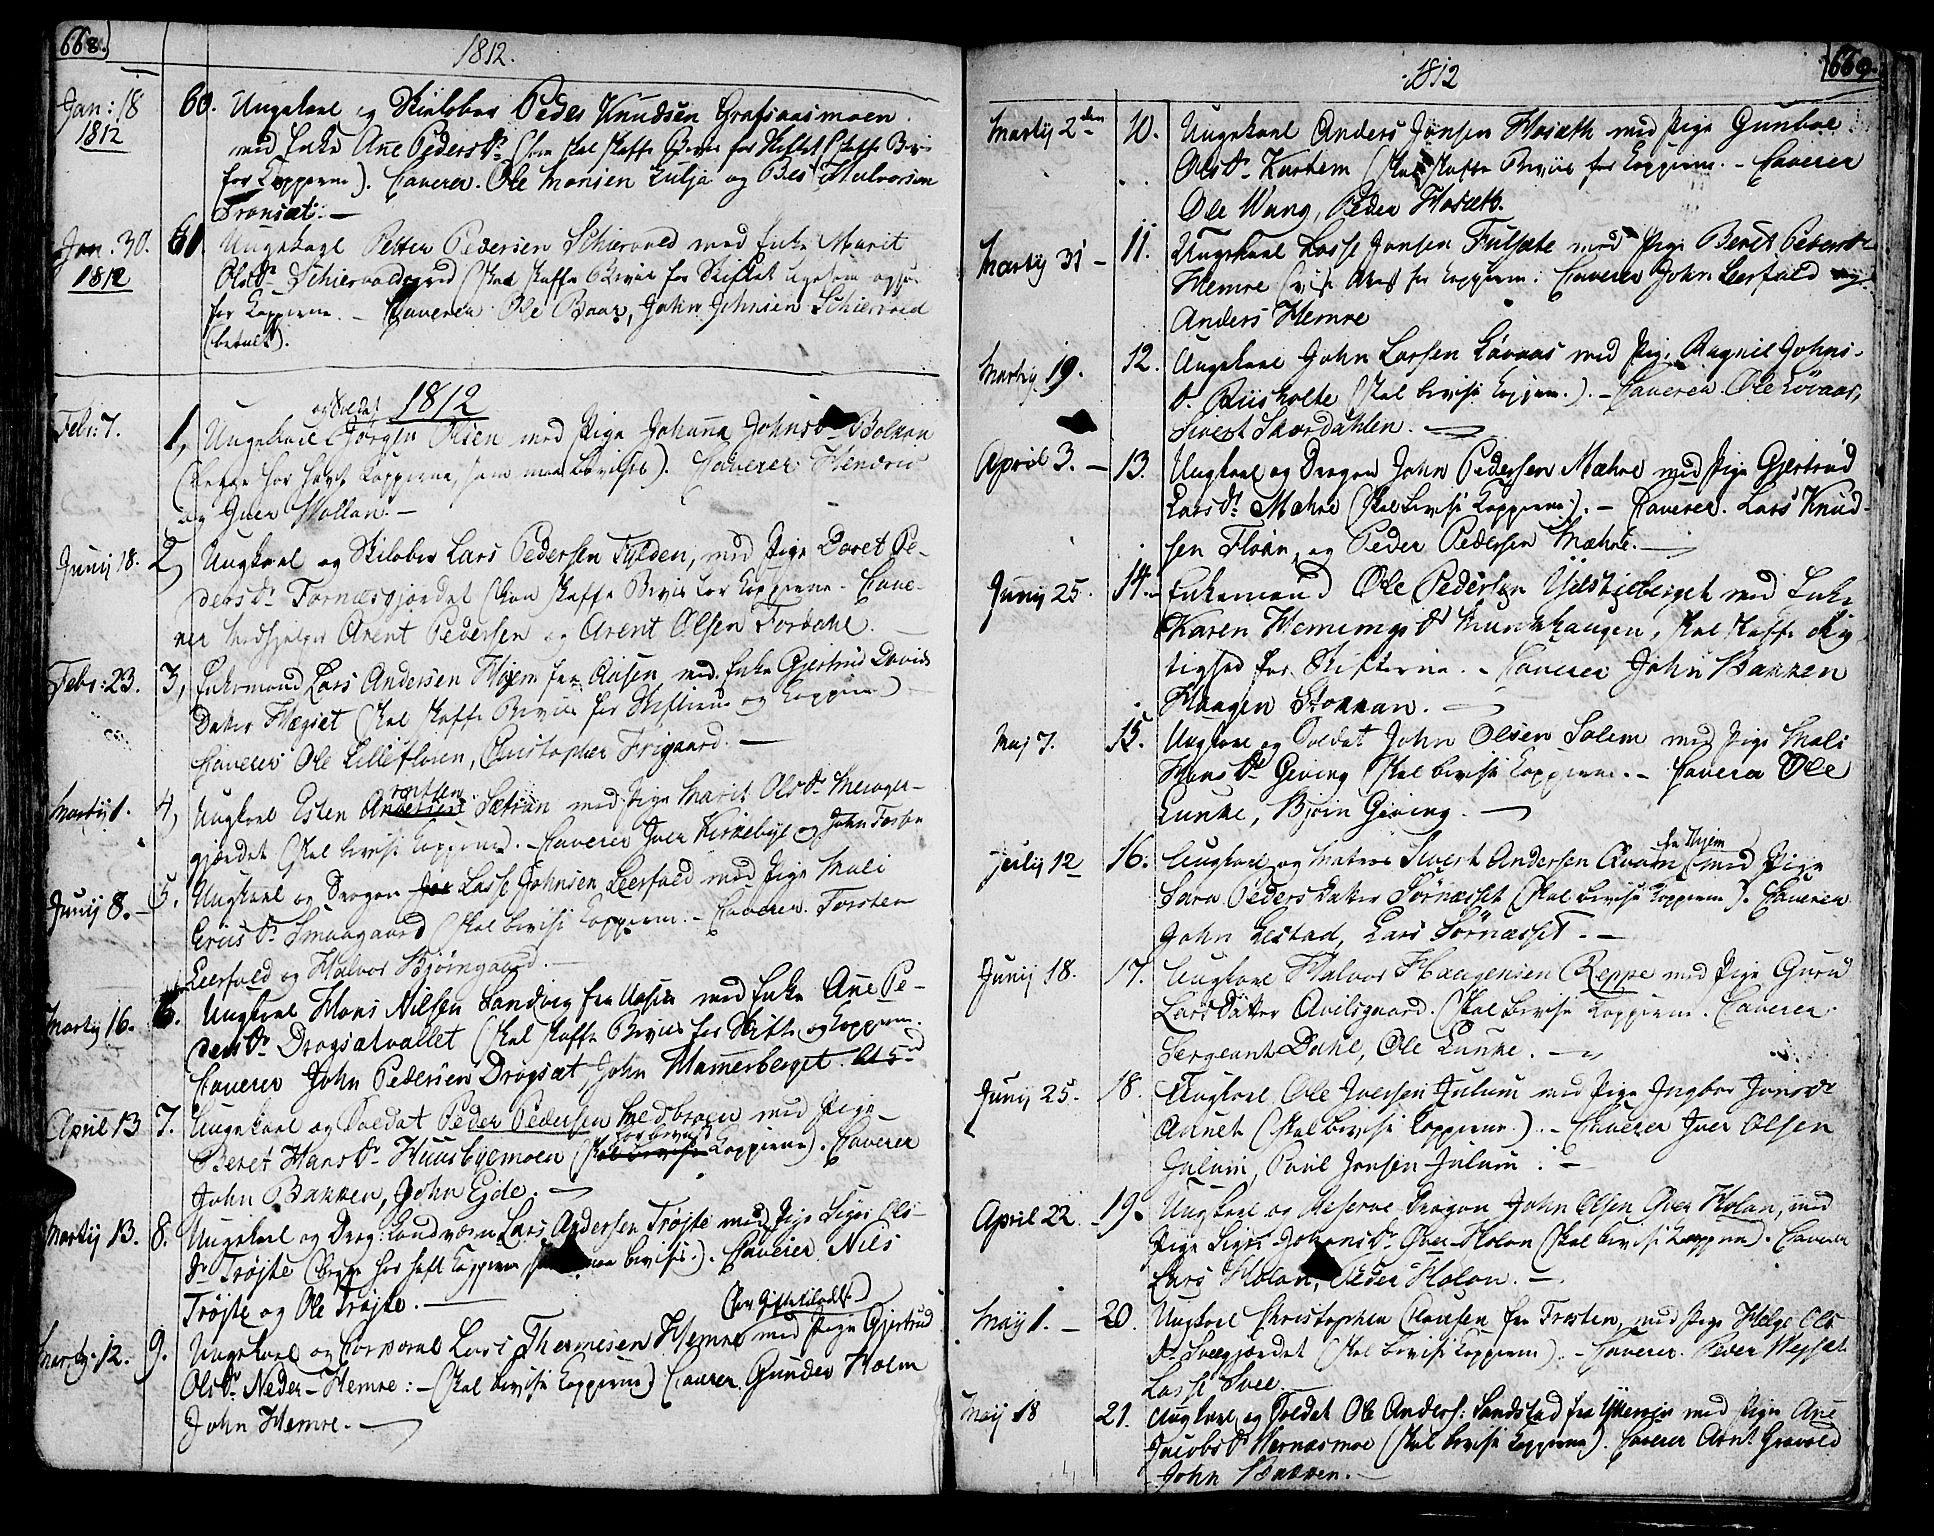 SAT, Ministerialprotokoller, klokkerbøker og fødselsregistre - Nord-Trøndelag, 709/L0060: Ministerialbok nr. 709A07, 1797-1815, s. 668-669